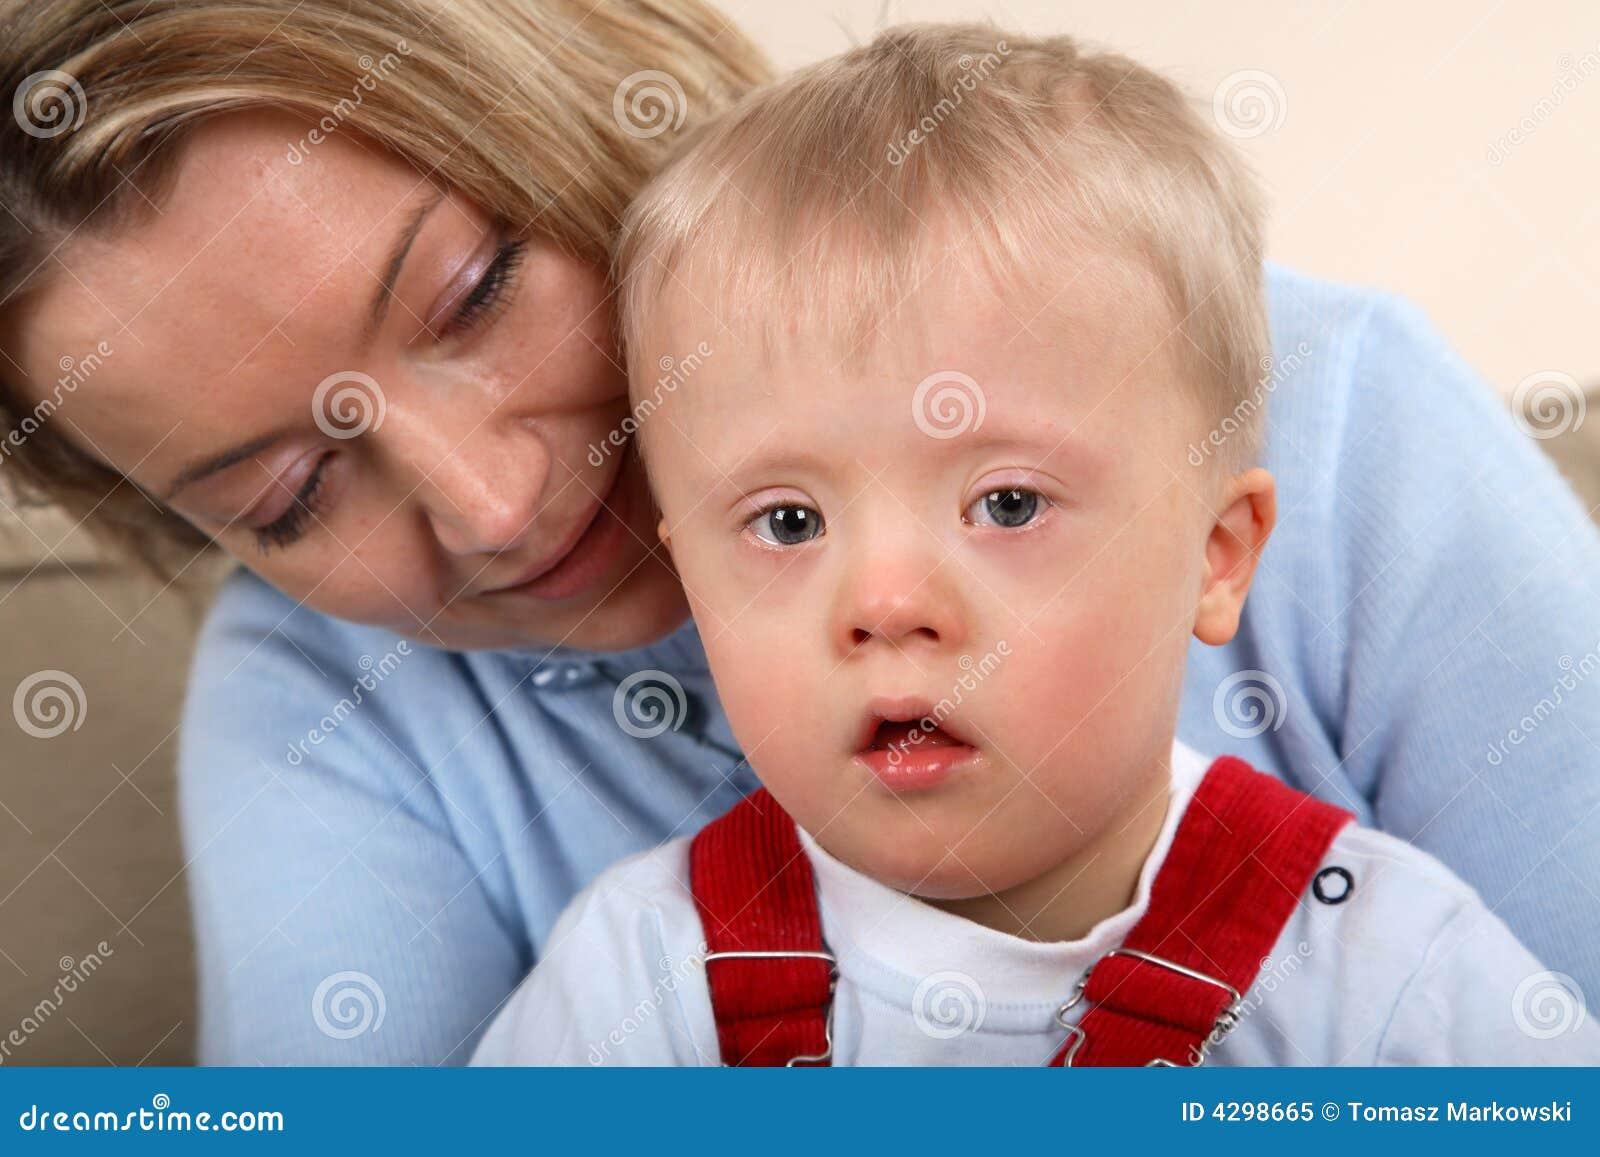 Олигофрения у детей фото